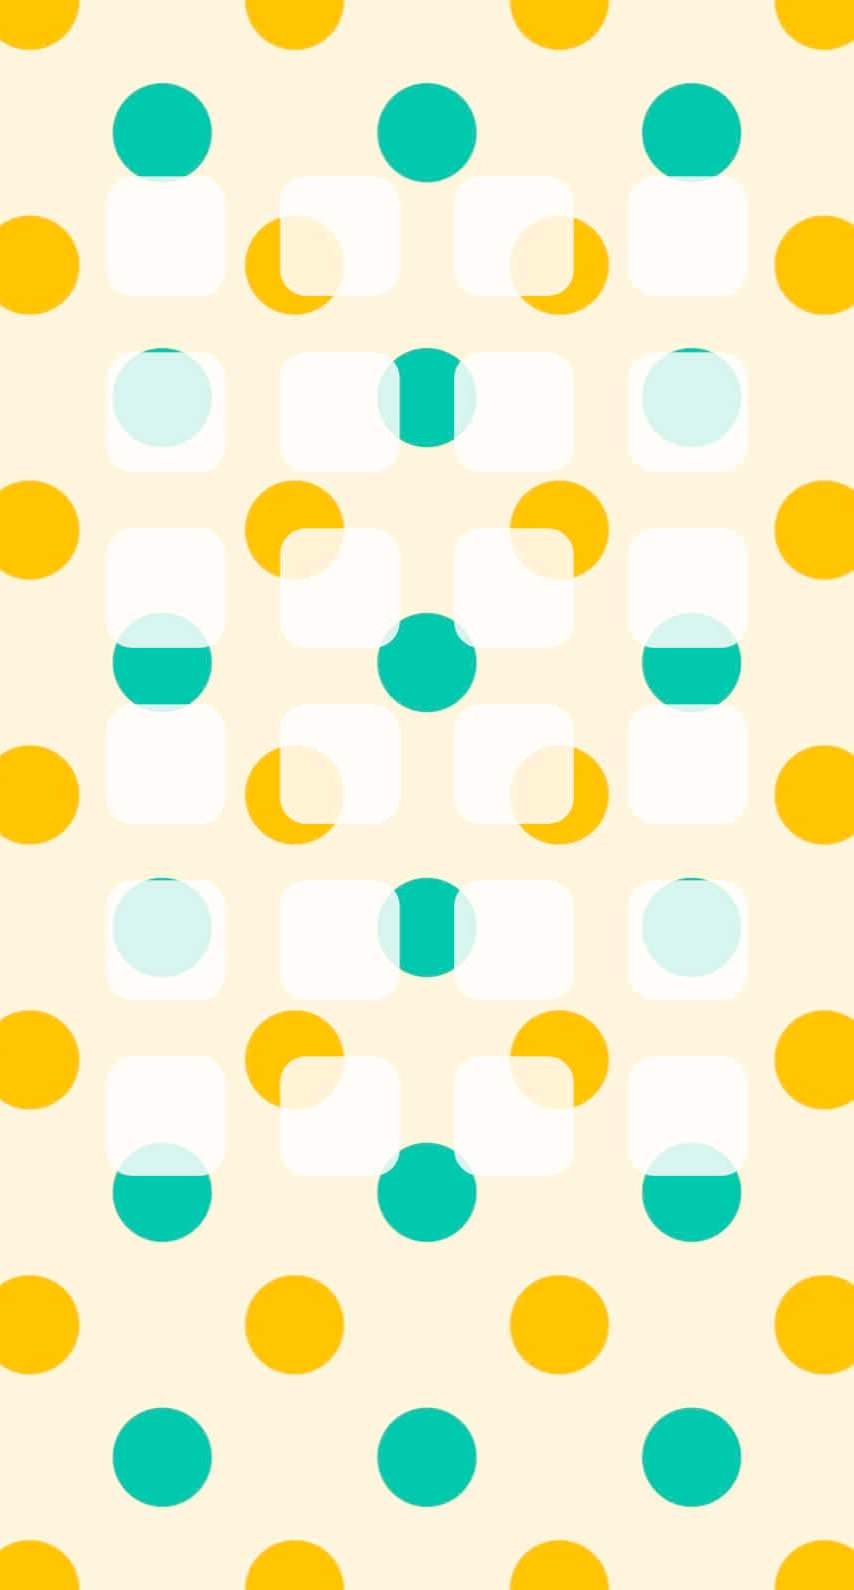 水玉緑橙可愛い棚 Wallpaper Sc Iphone6s壁紙